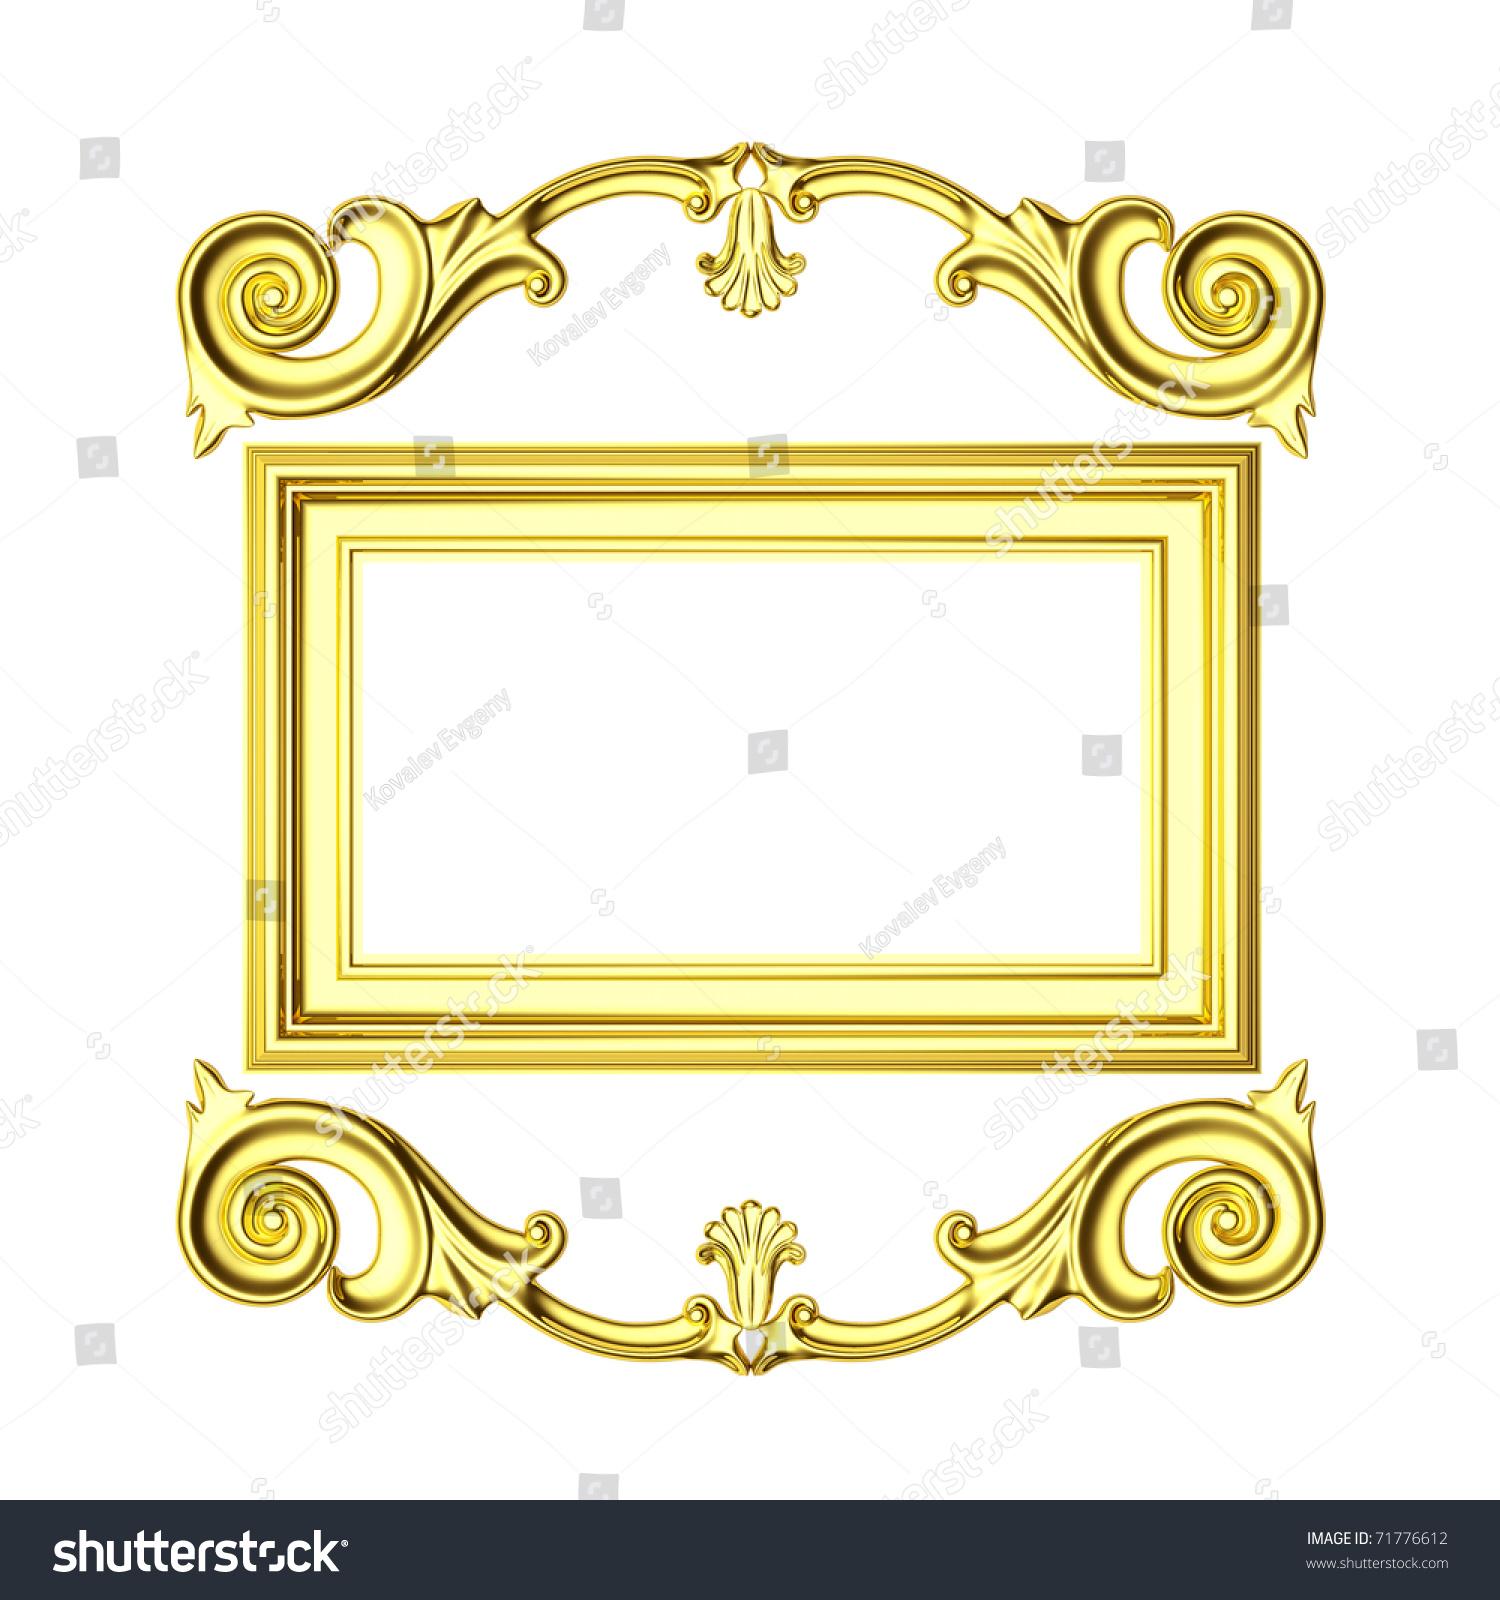 3d金色边框,白色背景上的雕塑形式-编辑